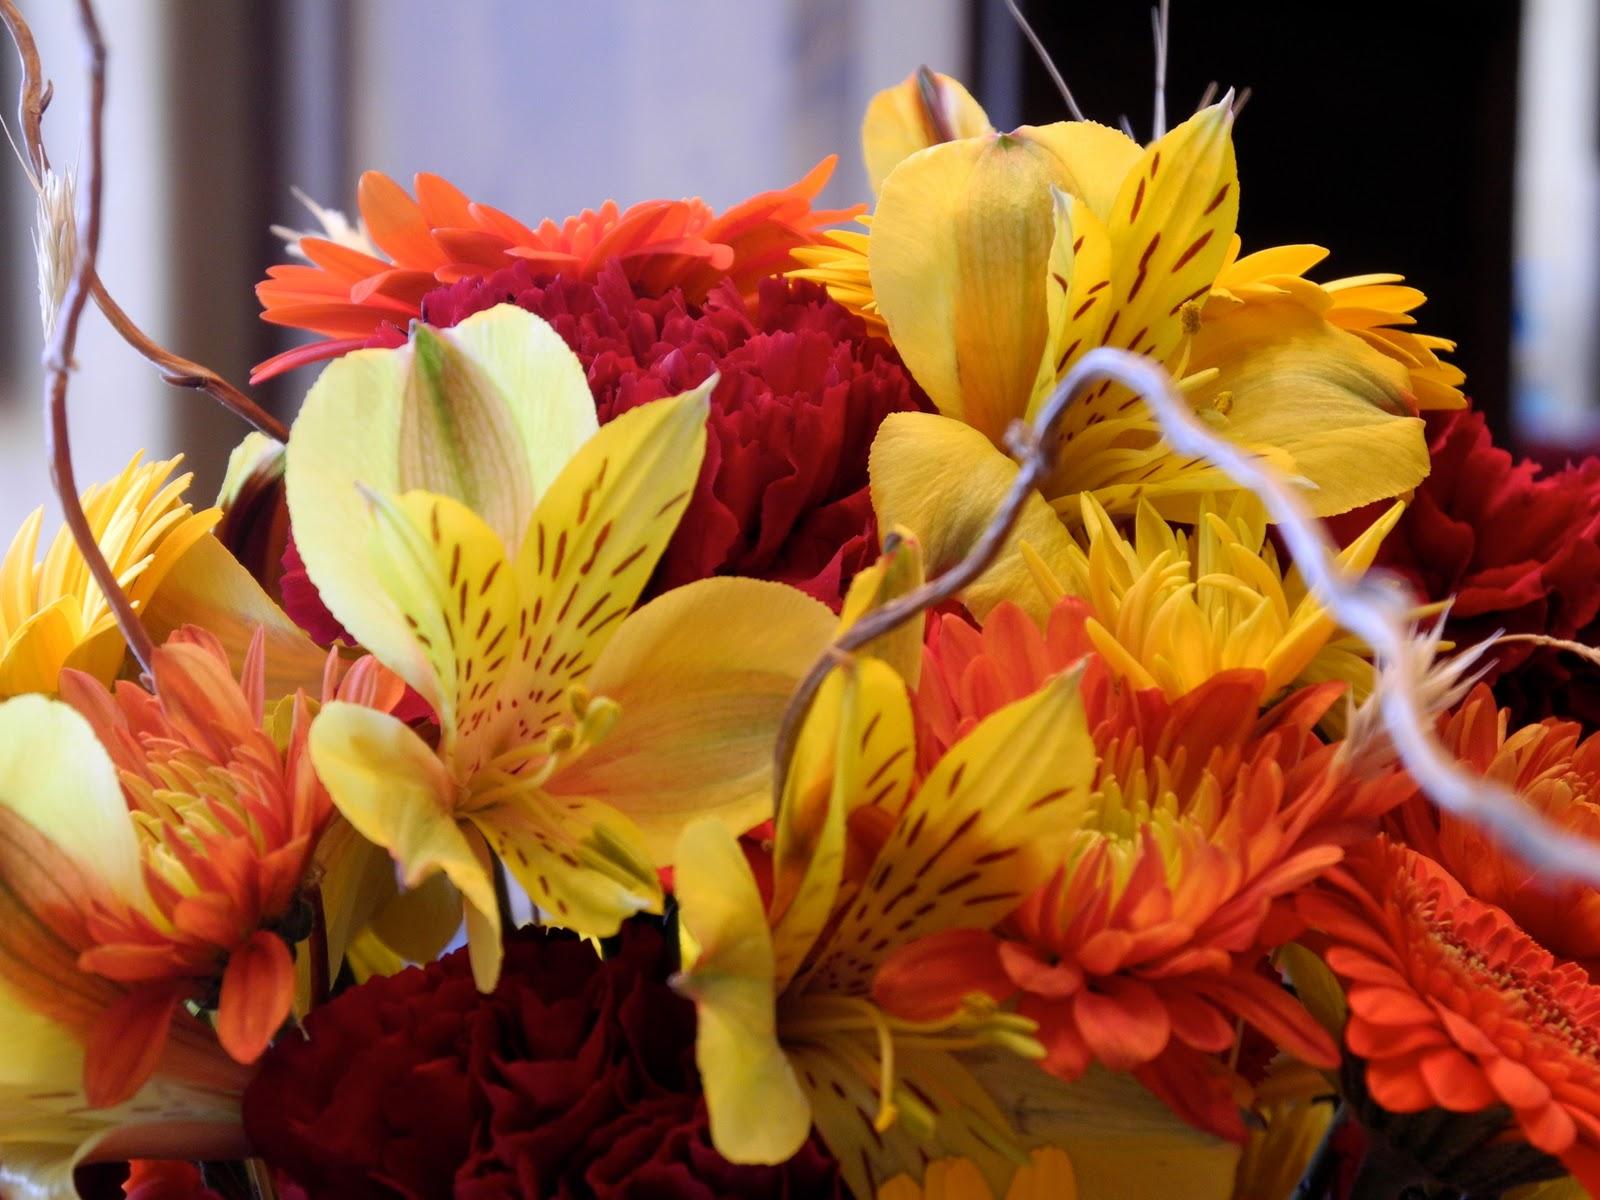 The Flower Girl Blog fall flowers and a pumpkin